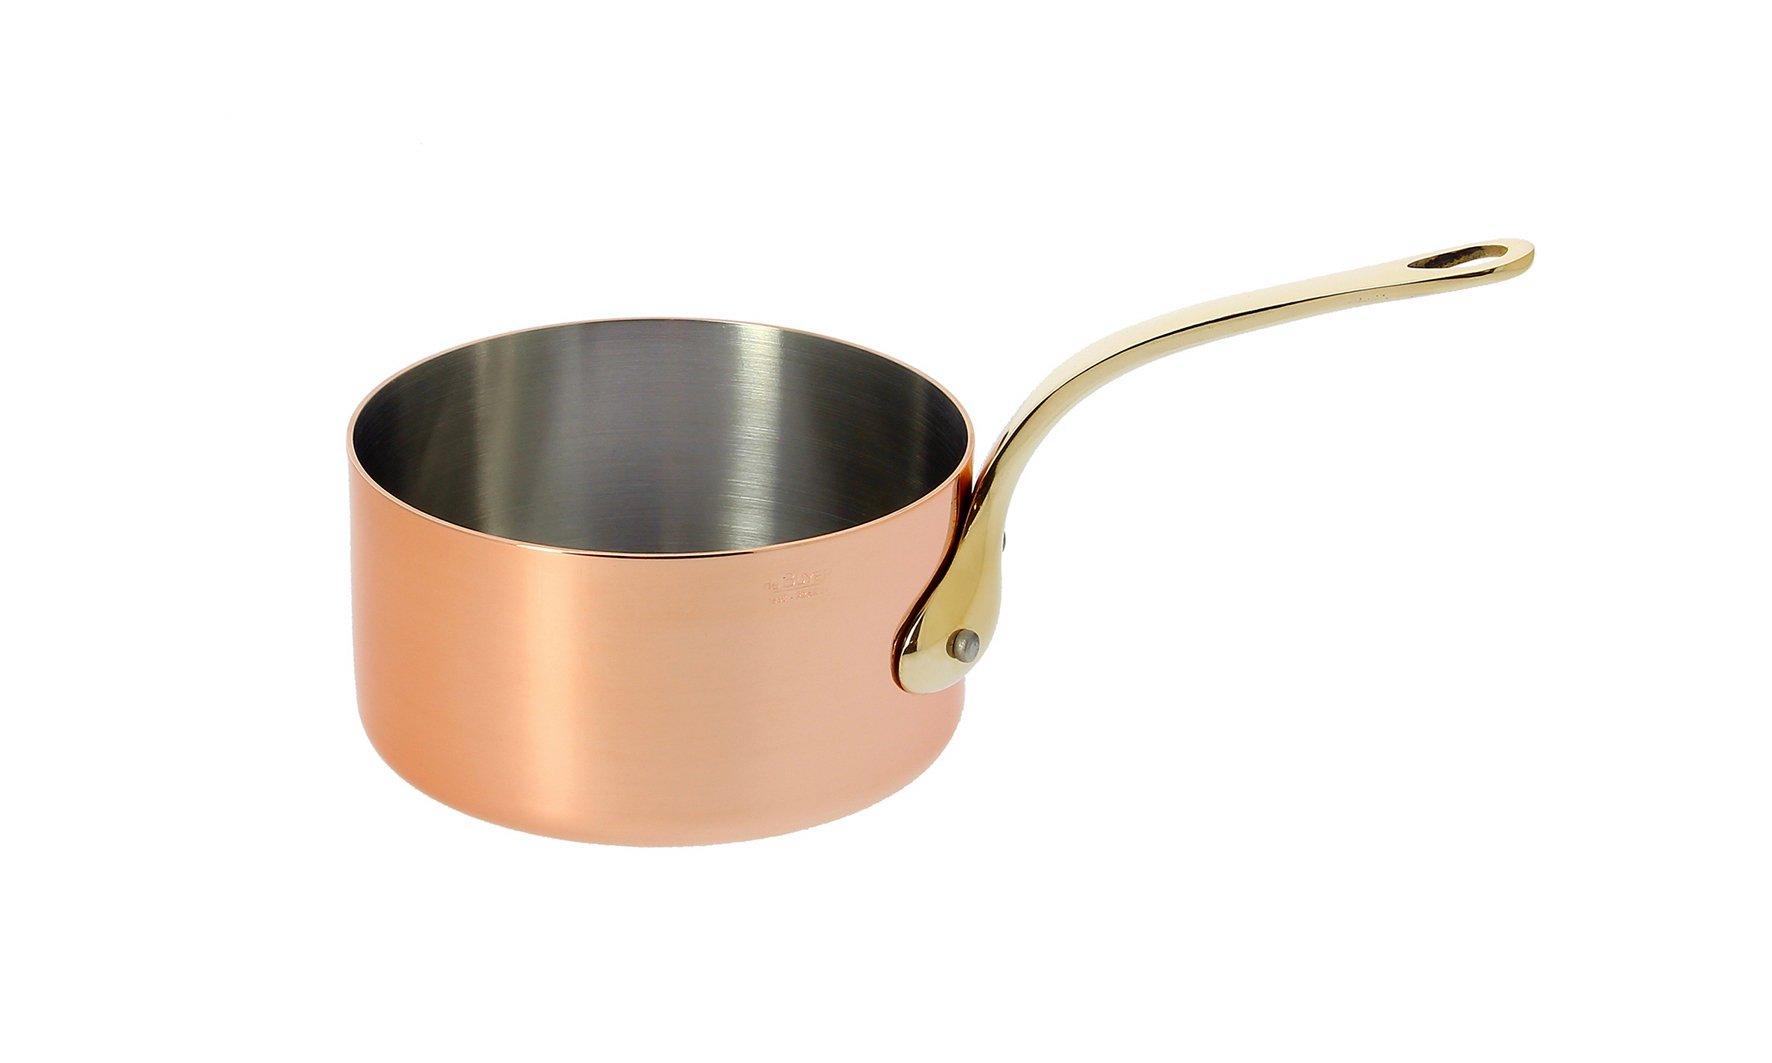 De Buyer Professional 10 cm Inocuivre VIP Copper Saucepan Stainless Steel Inside with Brass Handle 6445.10